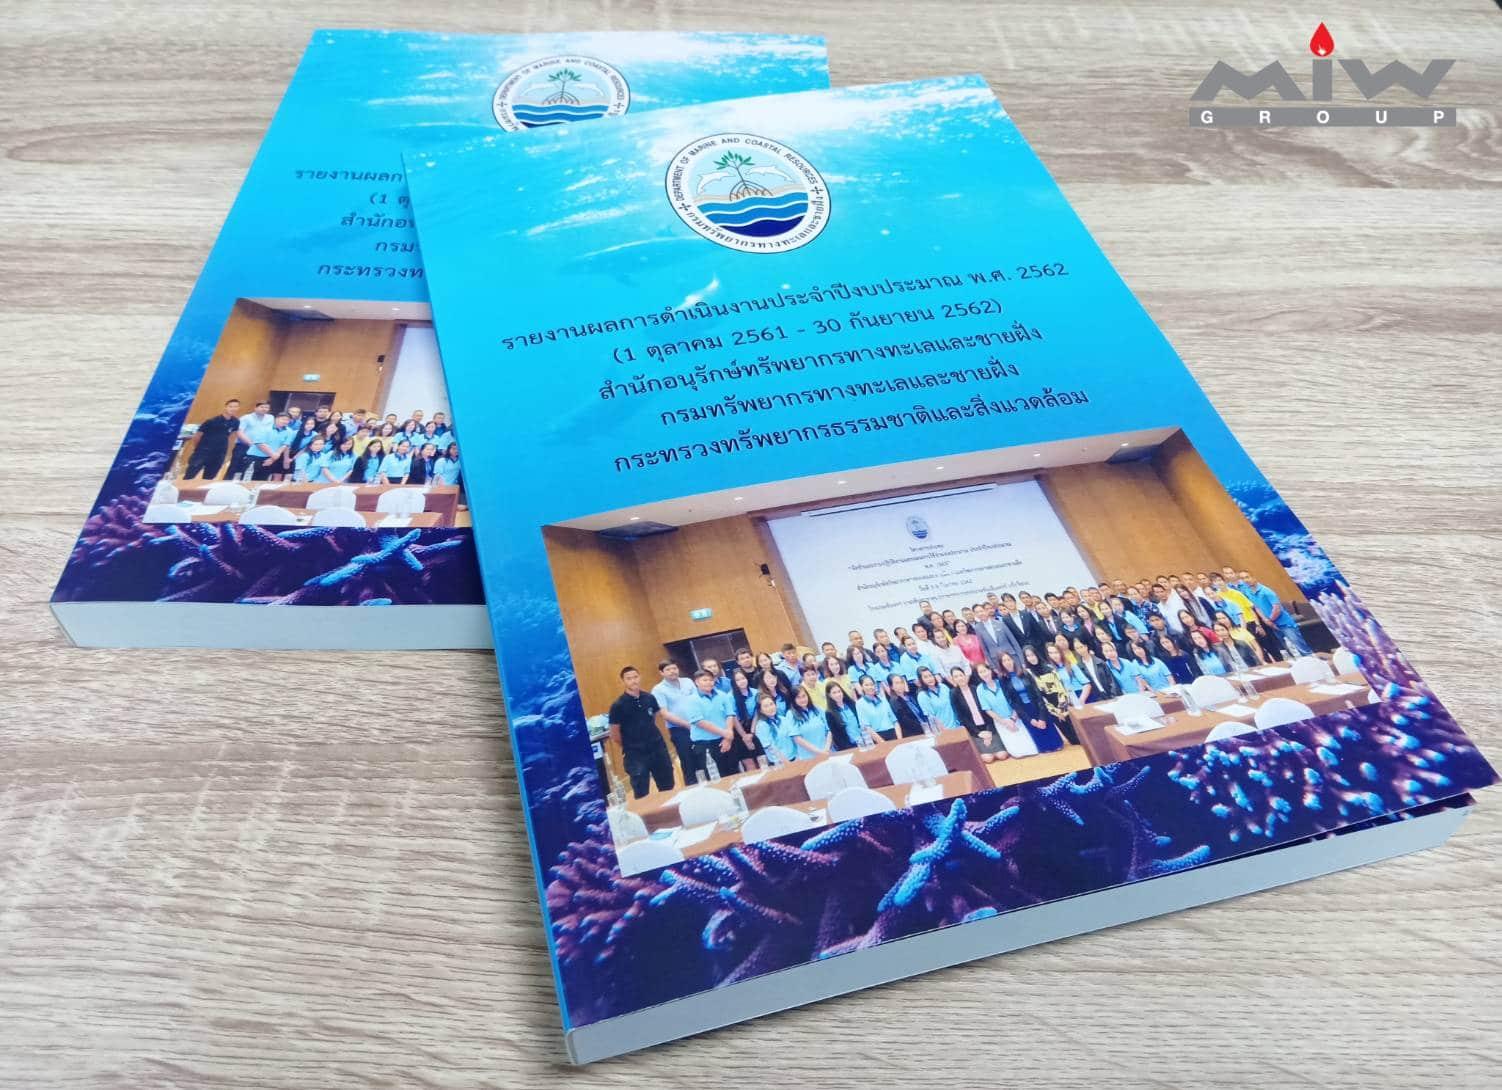 405482 - ตัวอย่างงานหนังสือรายงานผลการดำเนินงานประจำปี สำนักอนุรักษ์ทรัพยากรทางทะเลและชายฝั่ง